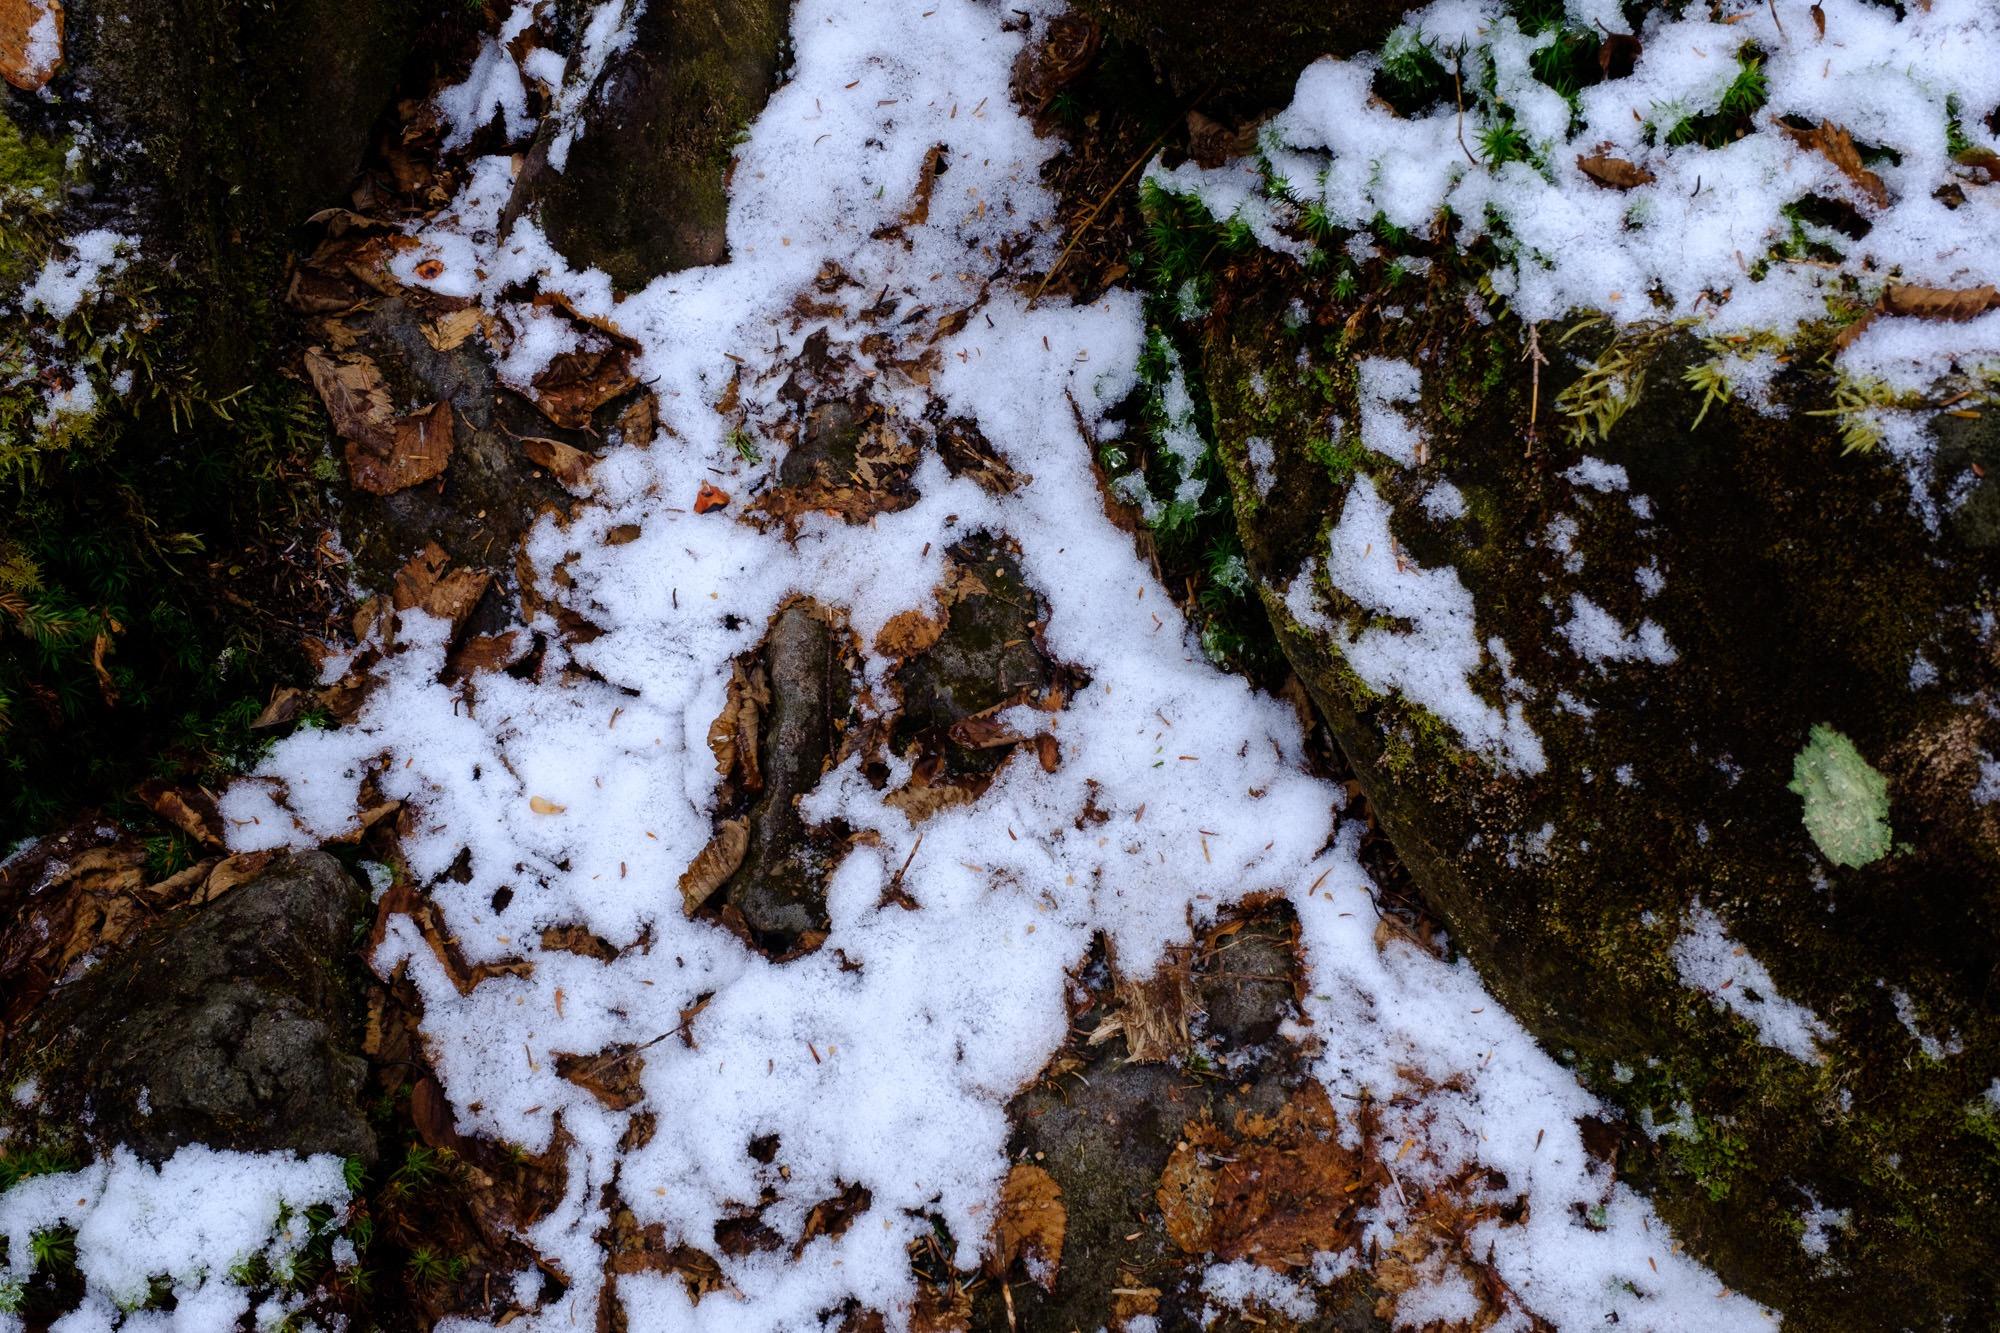 雪がうっすら積もる森